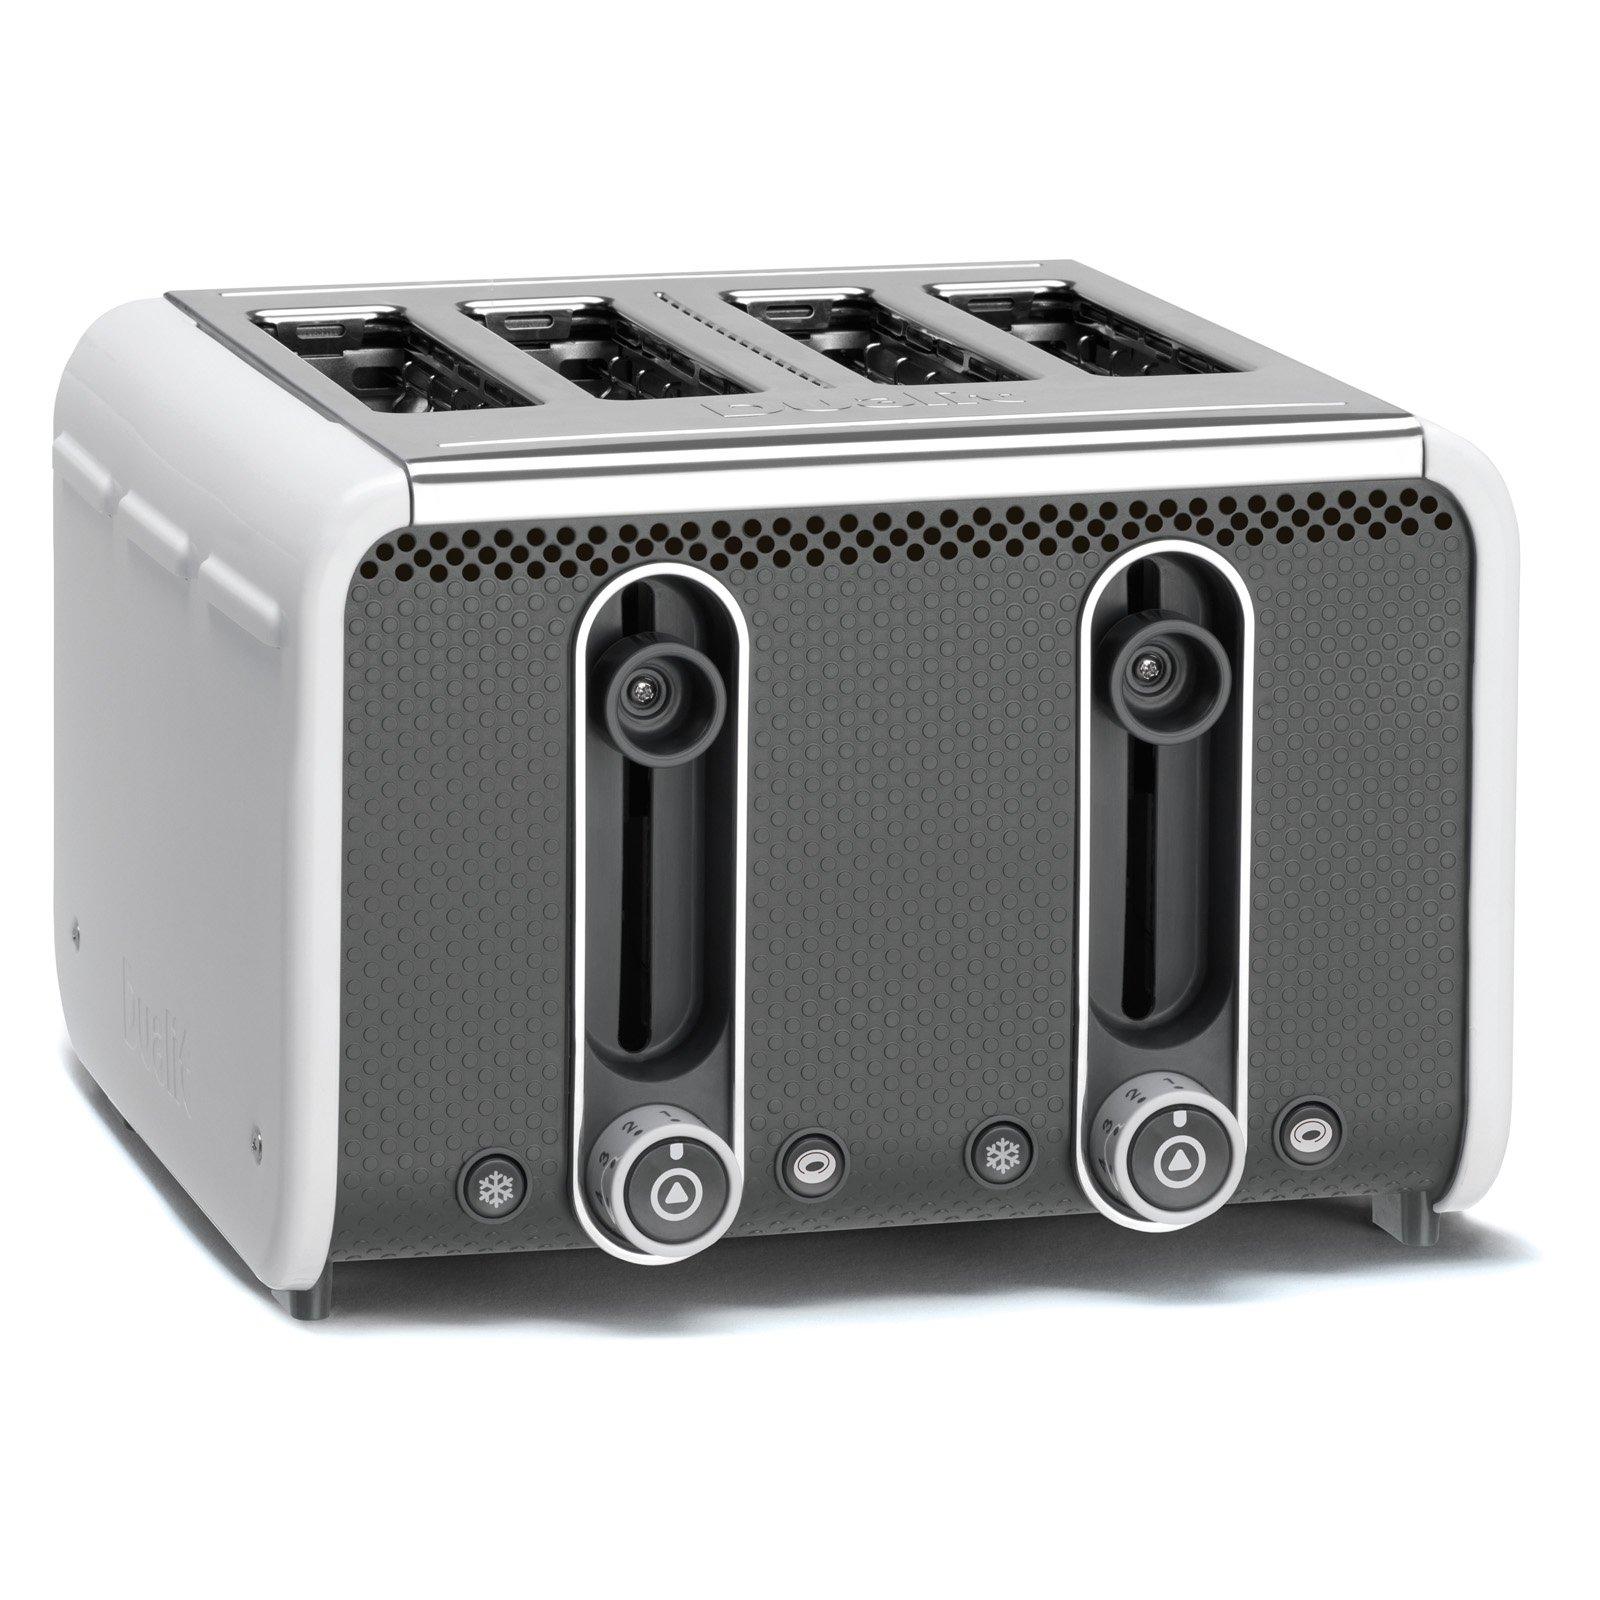 Dualit 46432 4 Slice Toaster - White/gray